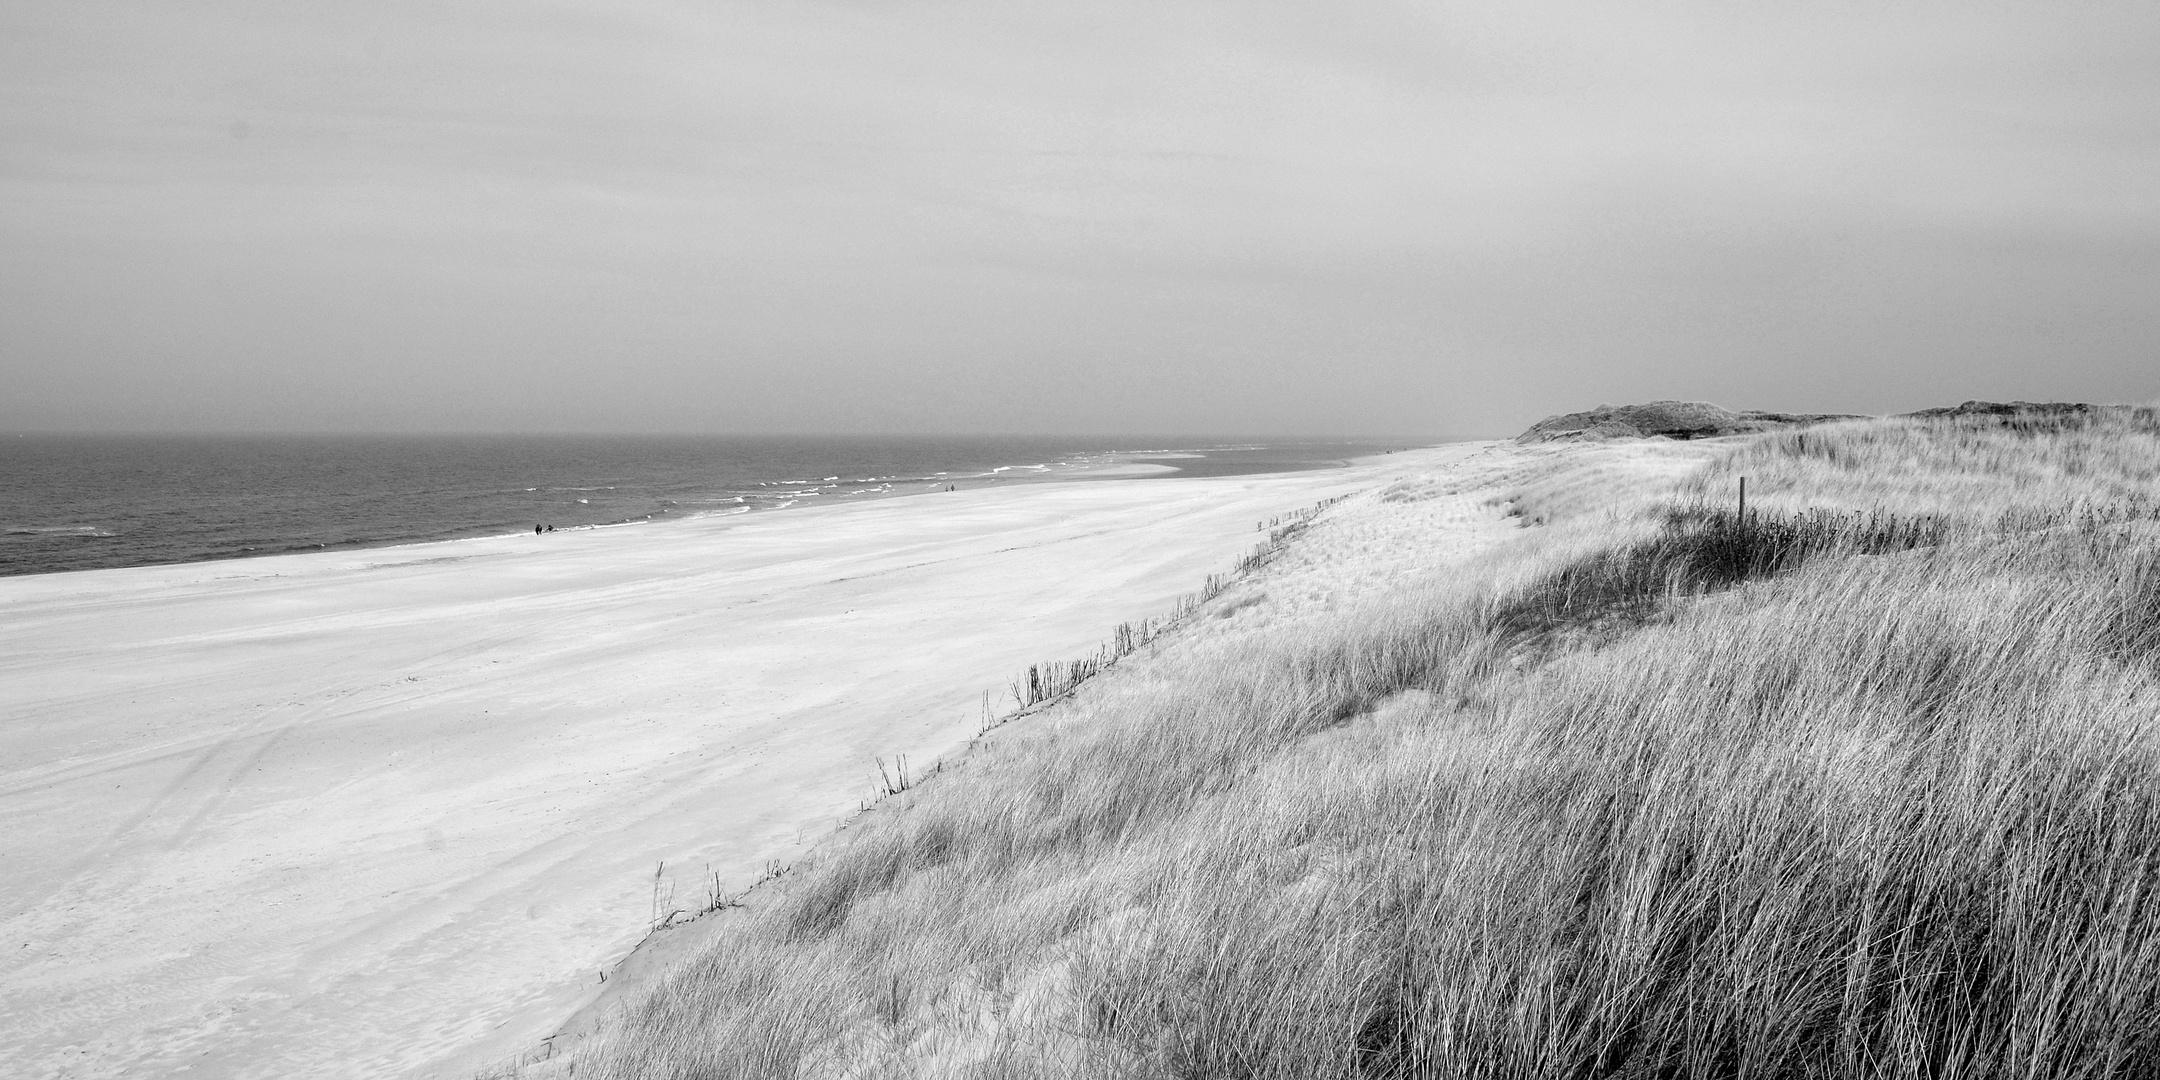 Himmel,Meer,Strand und Dünen # 3512